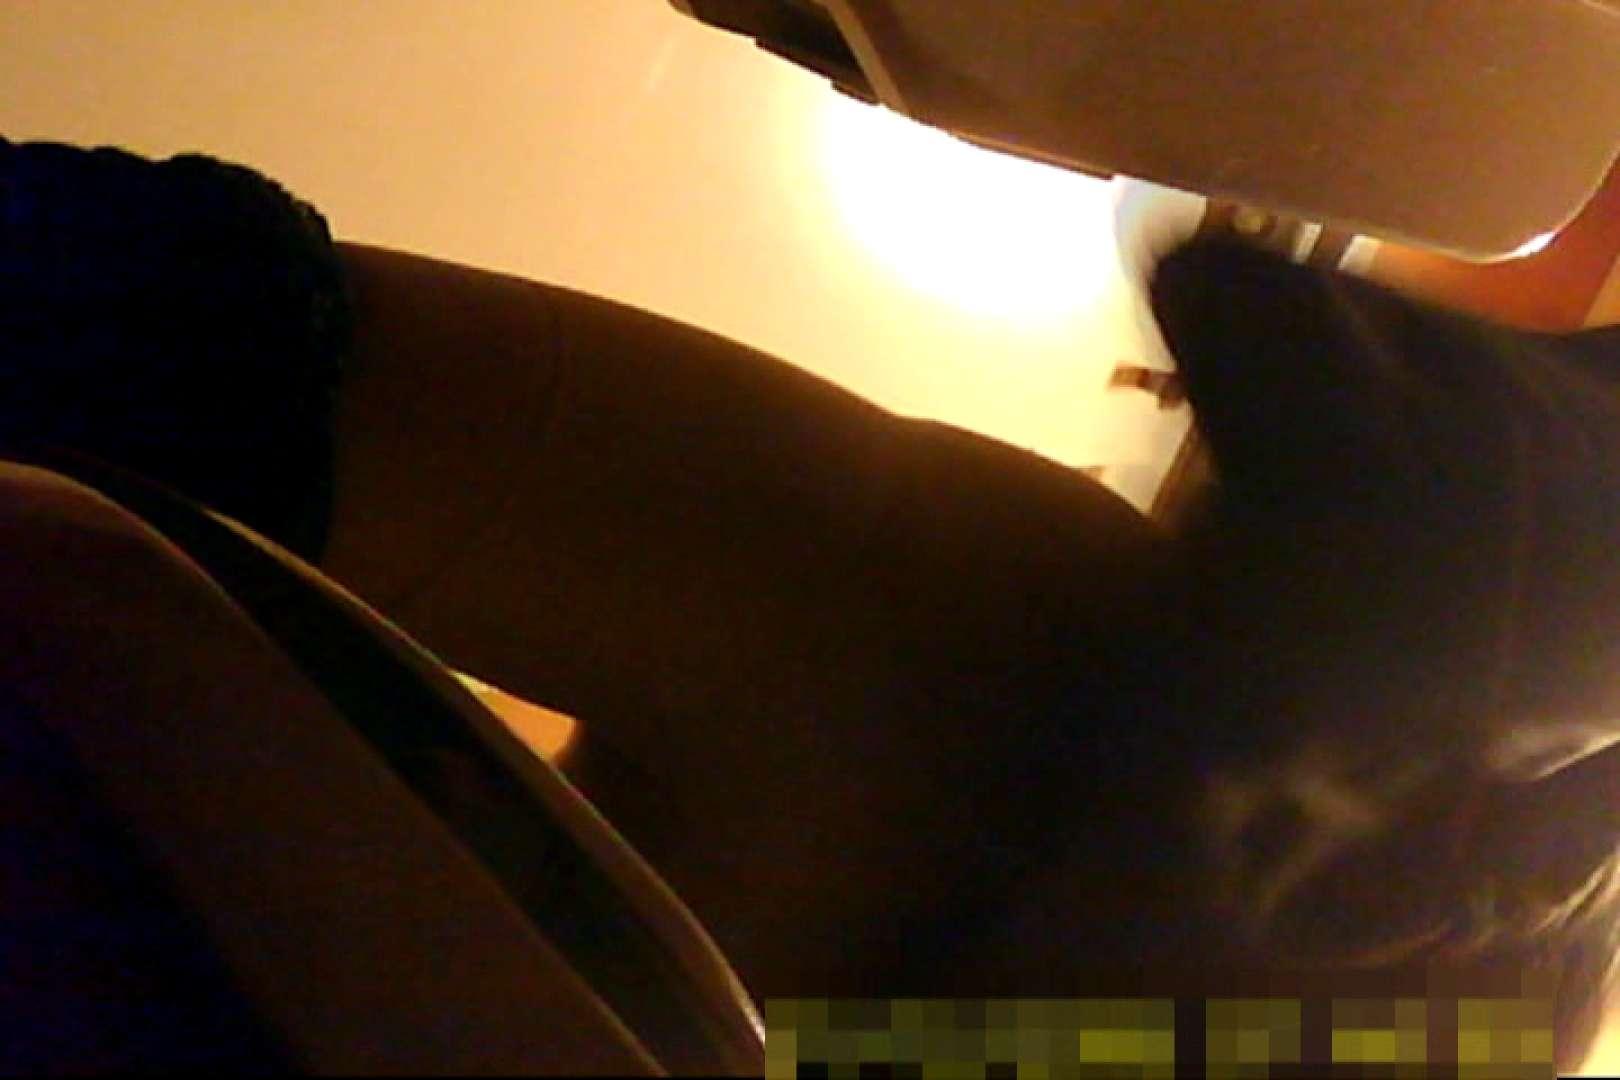 魅惑の化粧室~禁断のプライベート空間~vol.8 プライベート流出 性交動画流出 84pic 7